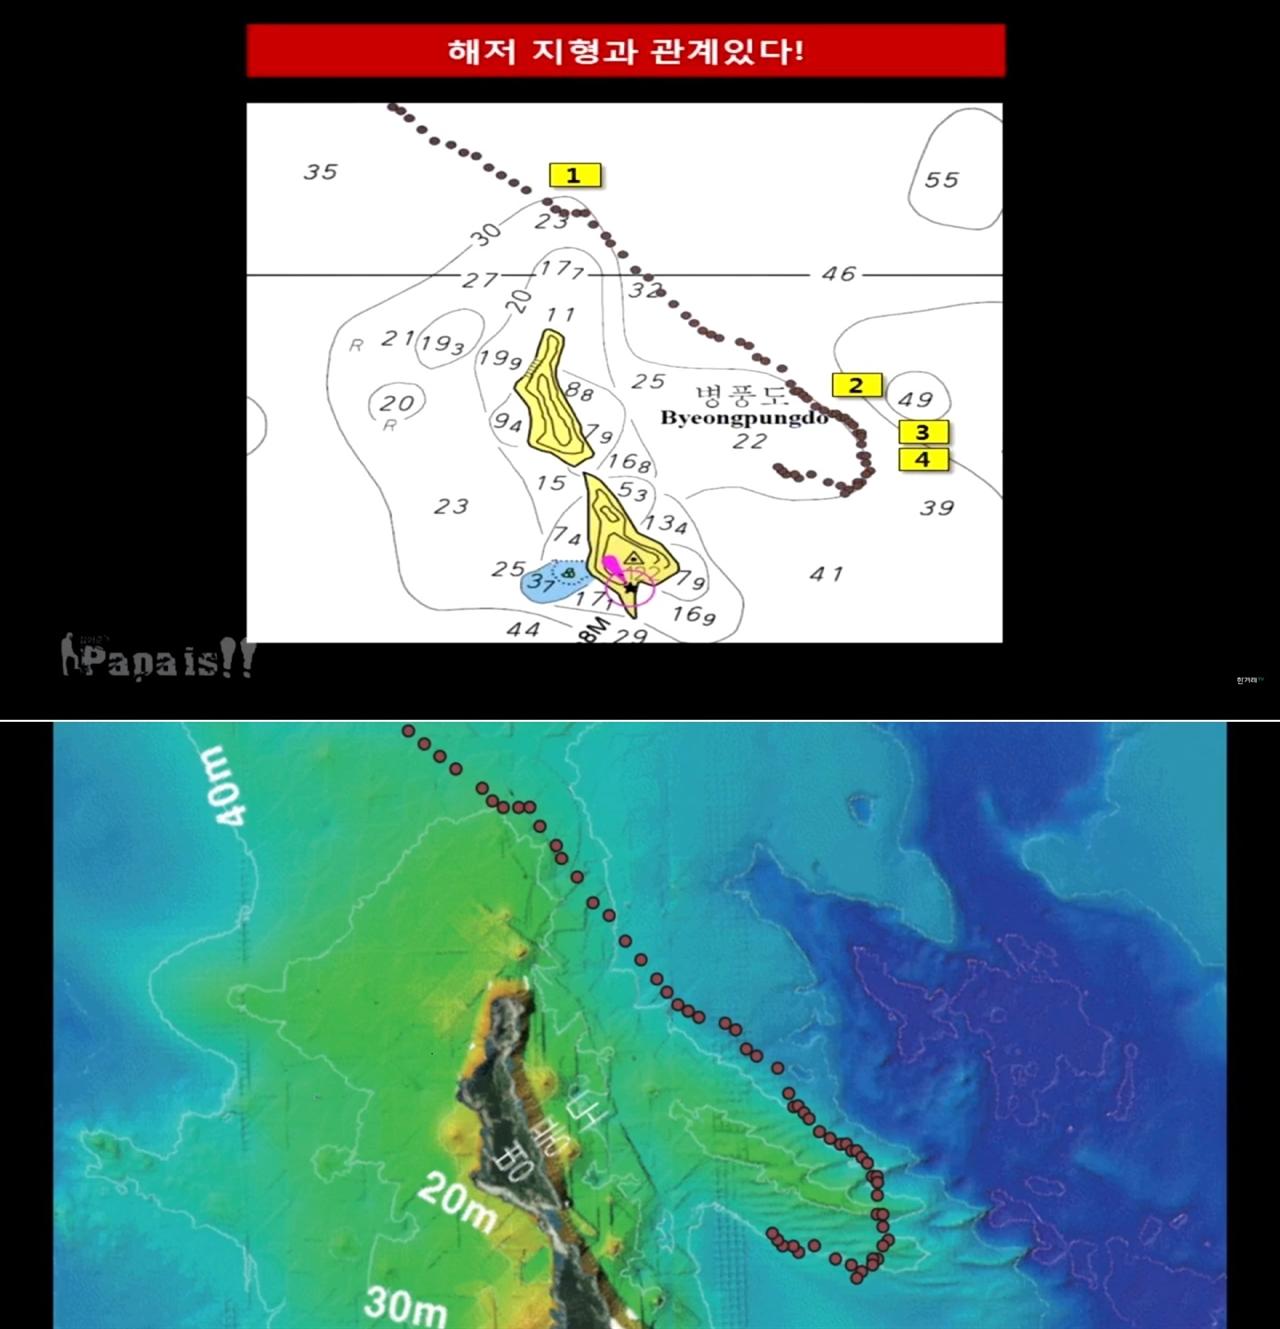 해군 항적을 둘라에이스호 좌표로 옮긴 '새 항적'을 해저 지형도 위에 얹어보면, 세월호가 급격히 각도를 튼 장소와 바다 밑 산 지역이 정확히 일치하는 것처럼 보인다.